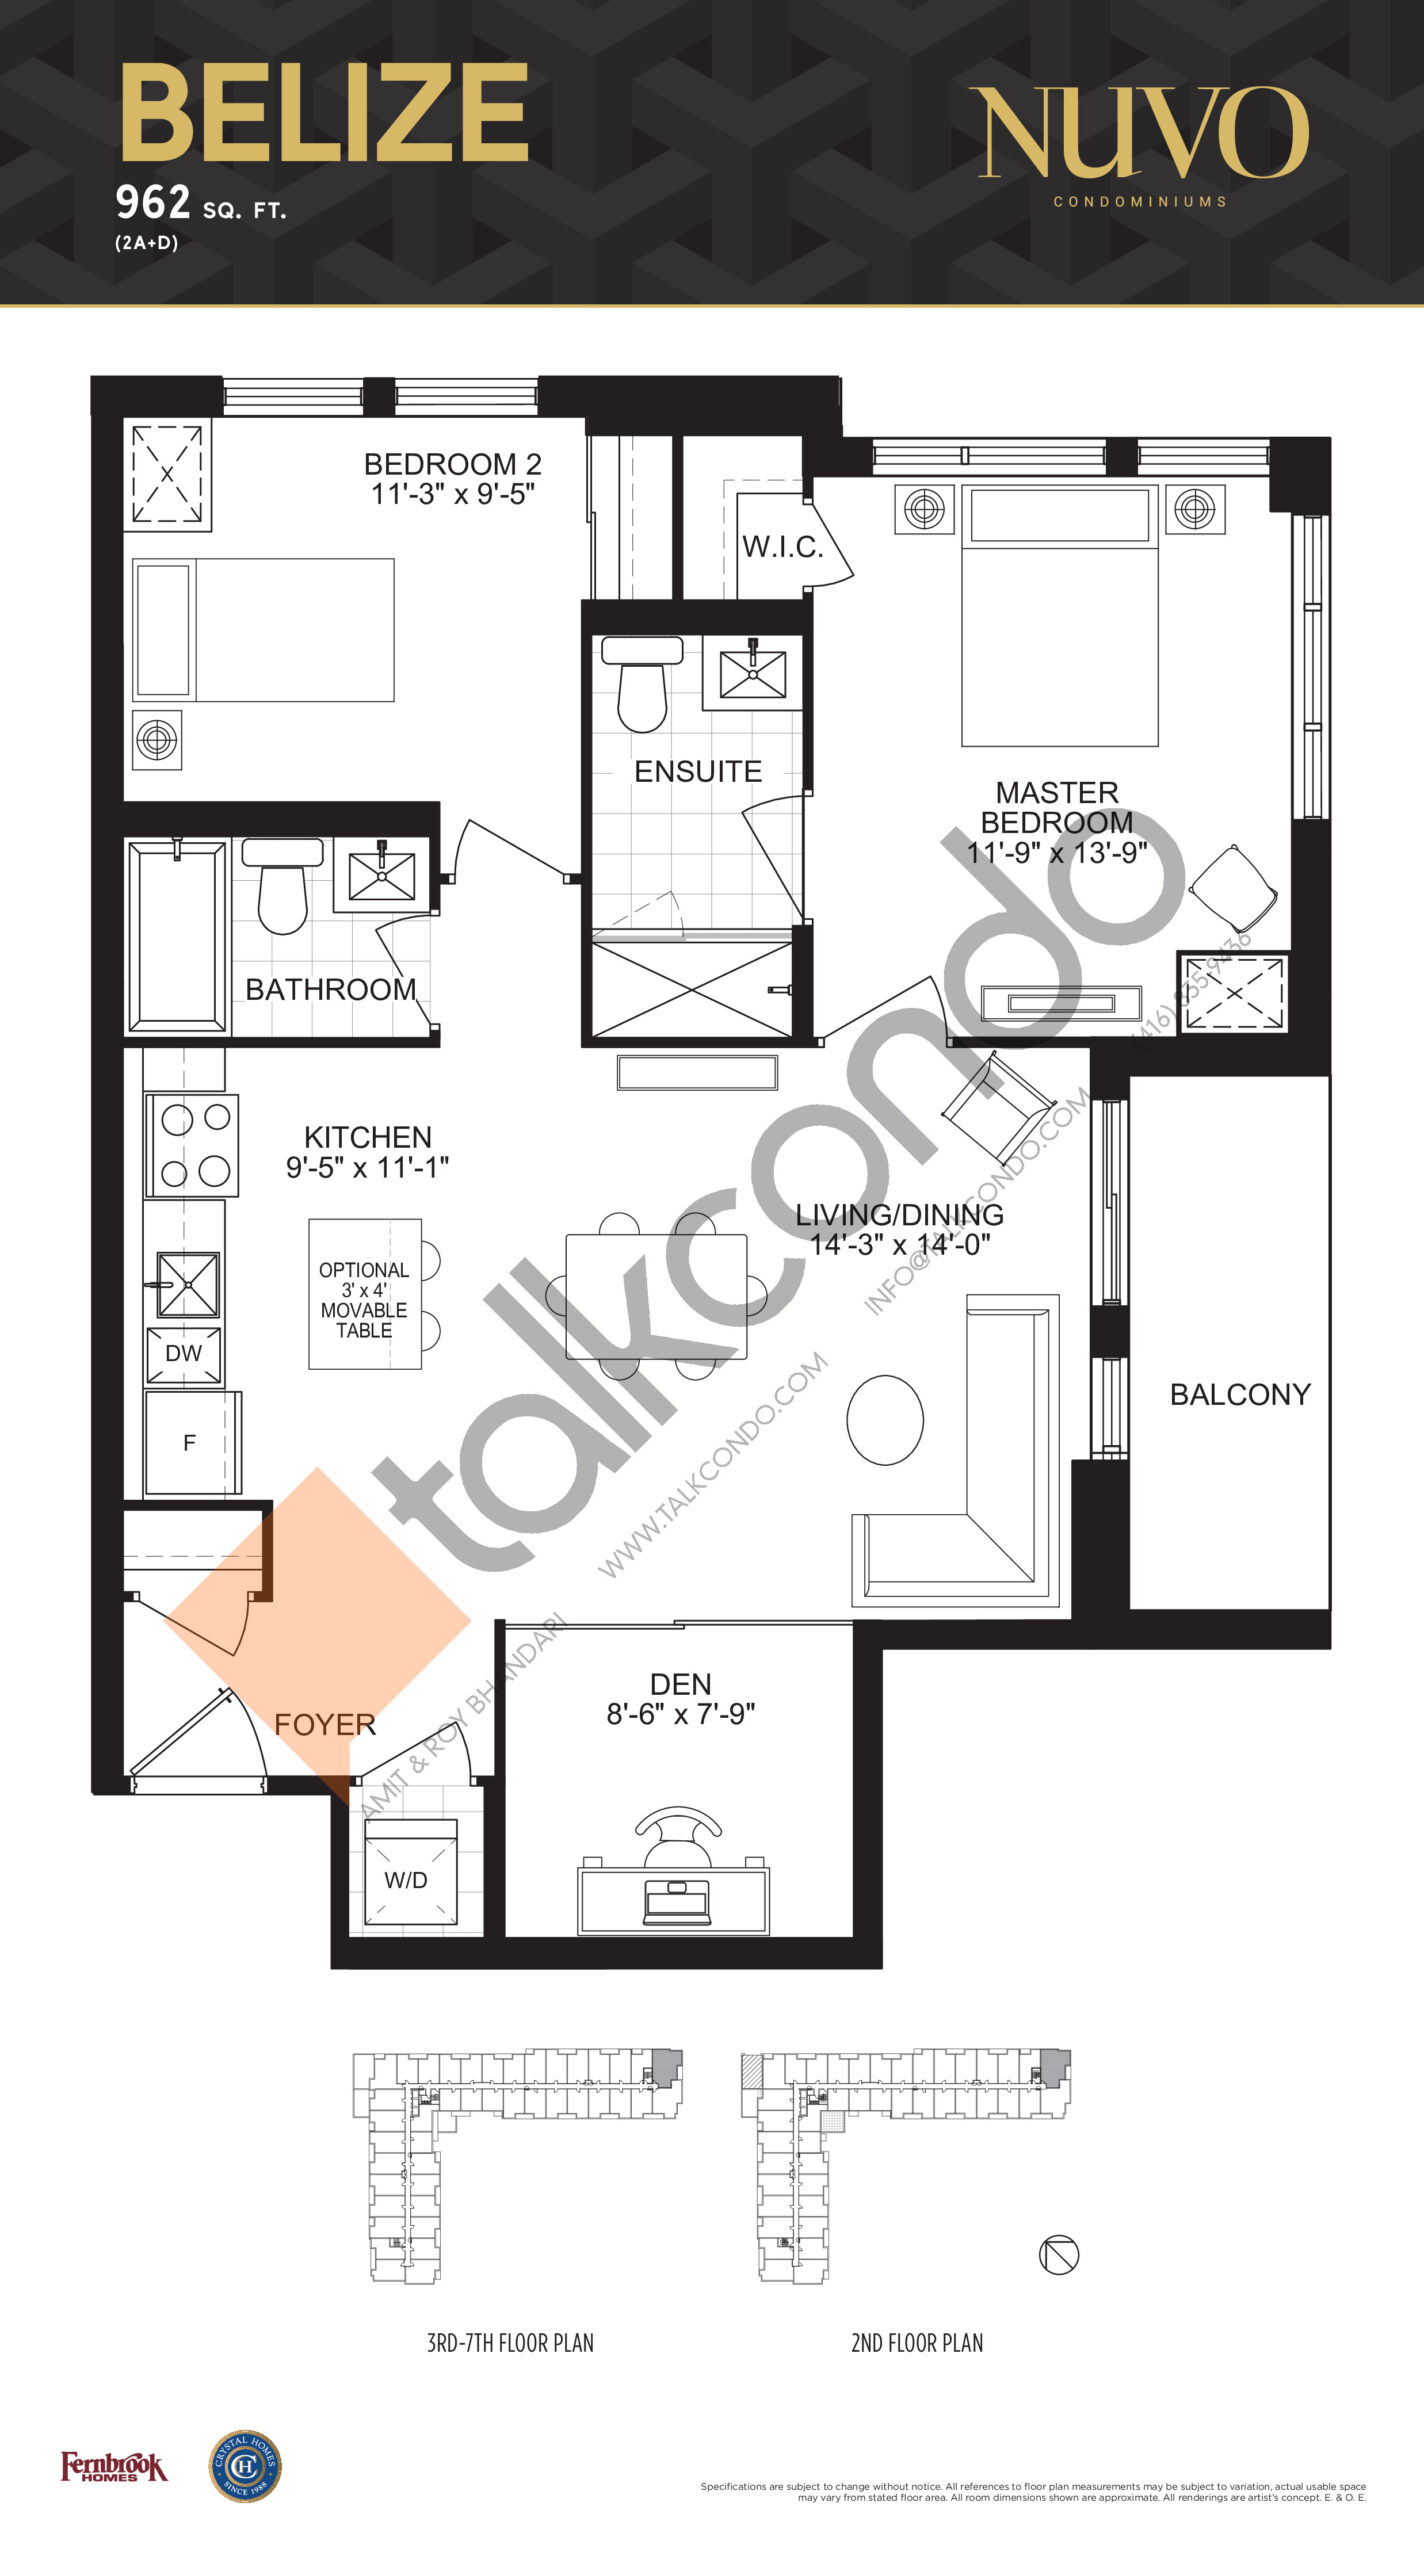 Belize Floor Plan at Nuvo Condos - 962 sq.ft